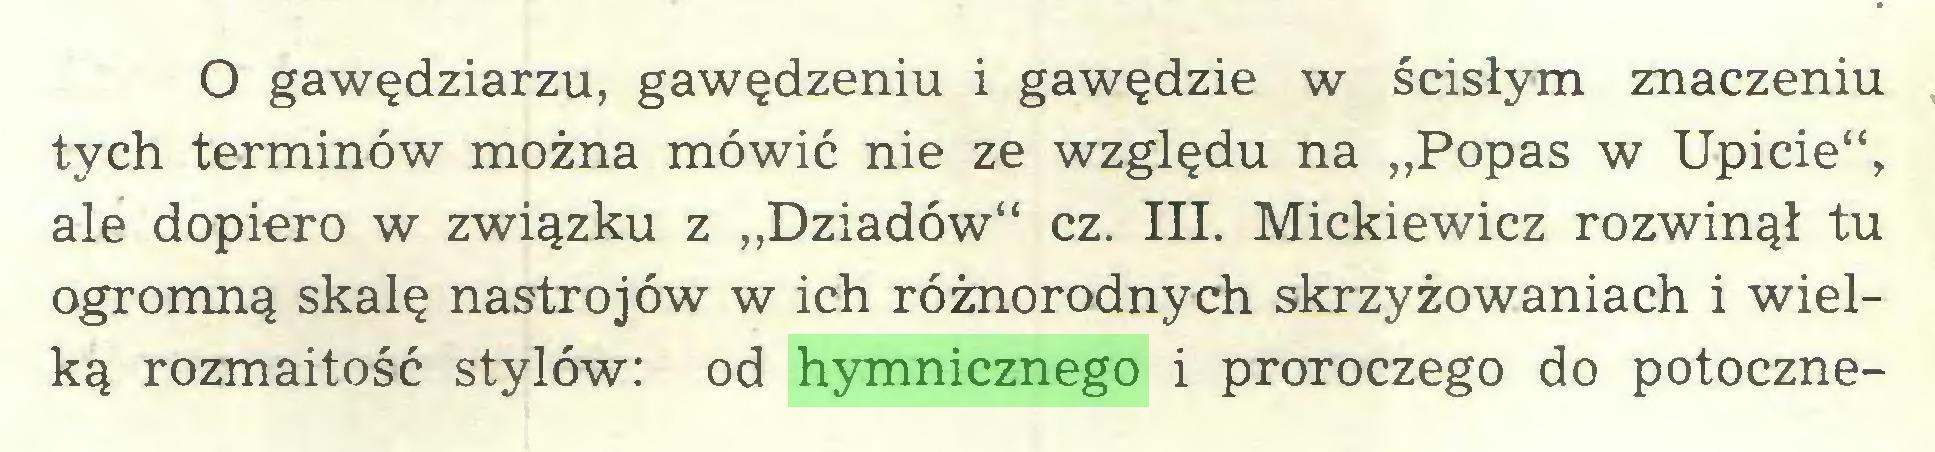 """(...) O gawędziarzu, gawędzeniu i gawędzie w ścisłym znaczeniu tych terminów można mówić nie ze względu na """"Popas w Upicie"""", ale dopiero w związku z """"Dziadów"""" cz. III. Mickiewicz rozwinął tu ogromną skalę nastrojów w ich różnorodnych skrzyżowaniach i wielką rozmaitość stylów: od hymnicznego i proroczego do potoczne..."""